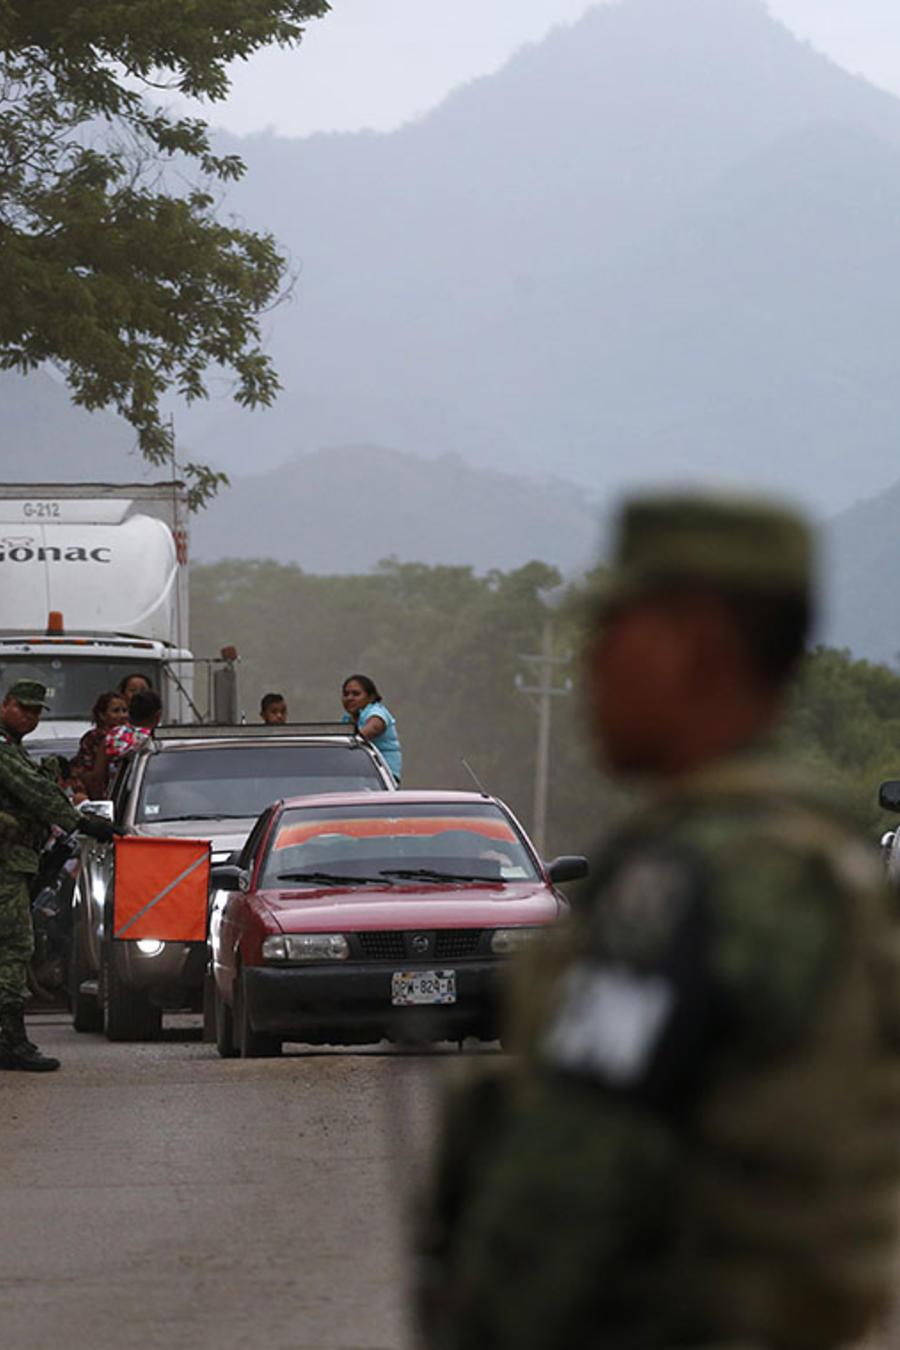 Soldados de la Guardia Nacional de México custodian una zona en busca de inmigrantes ilegales en Chiapas.